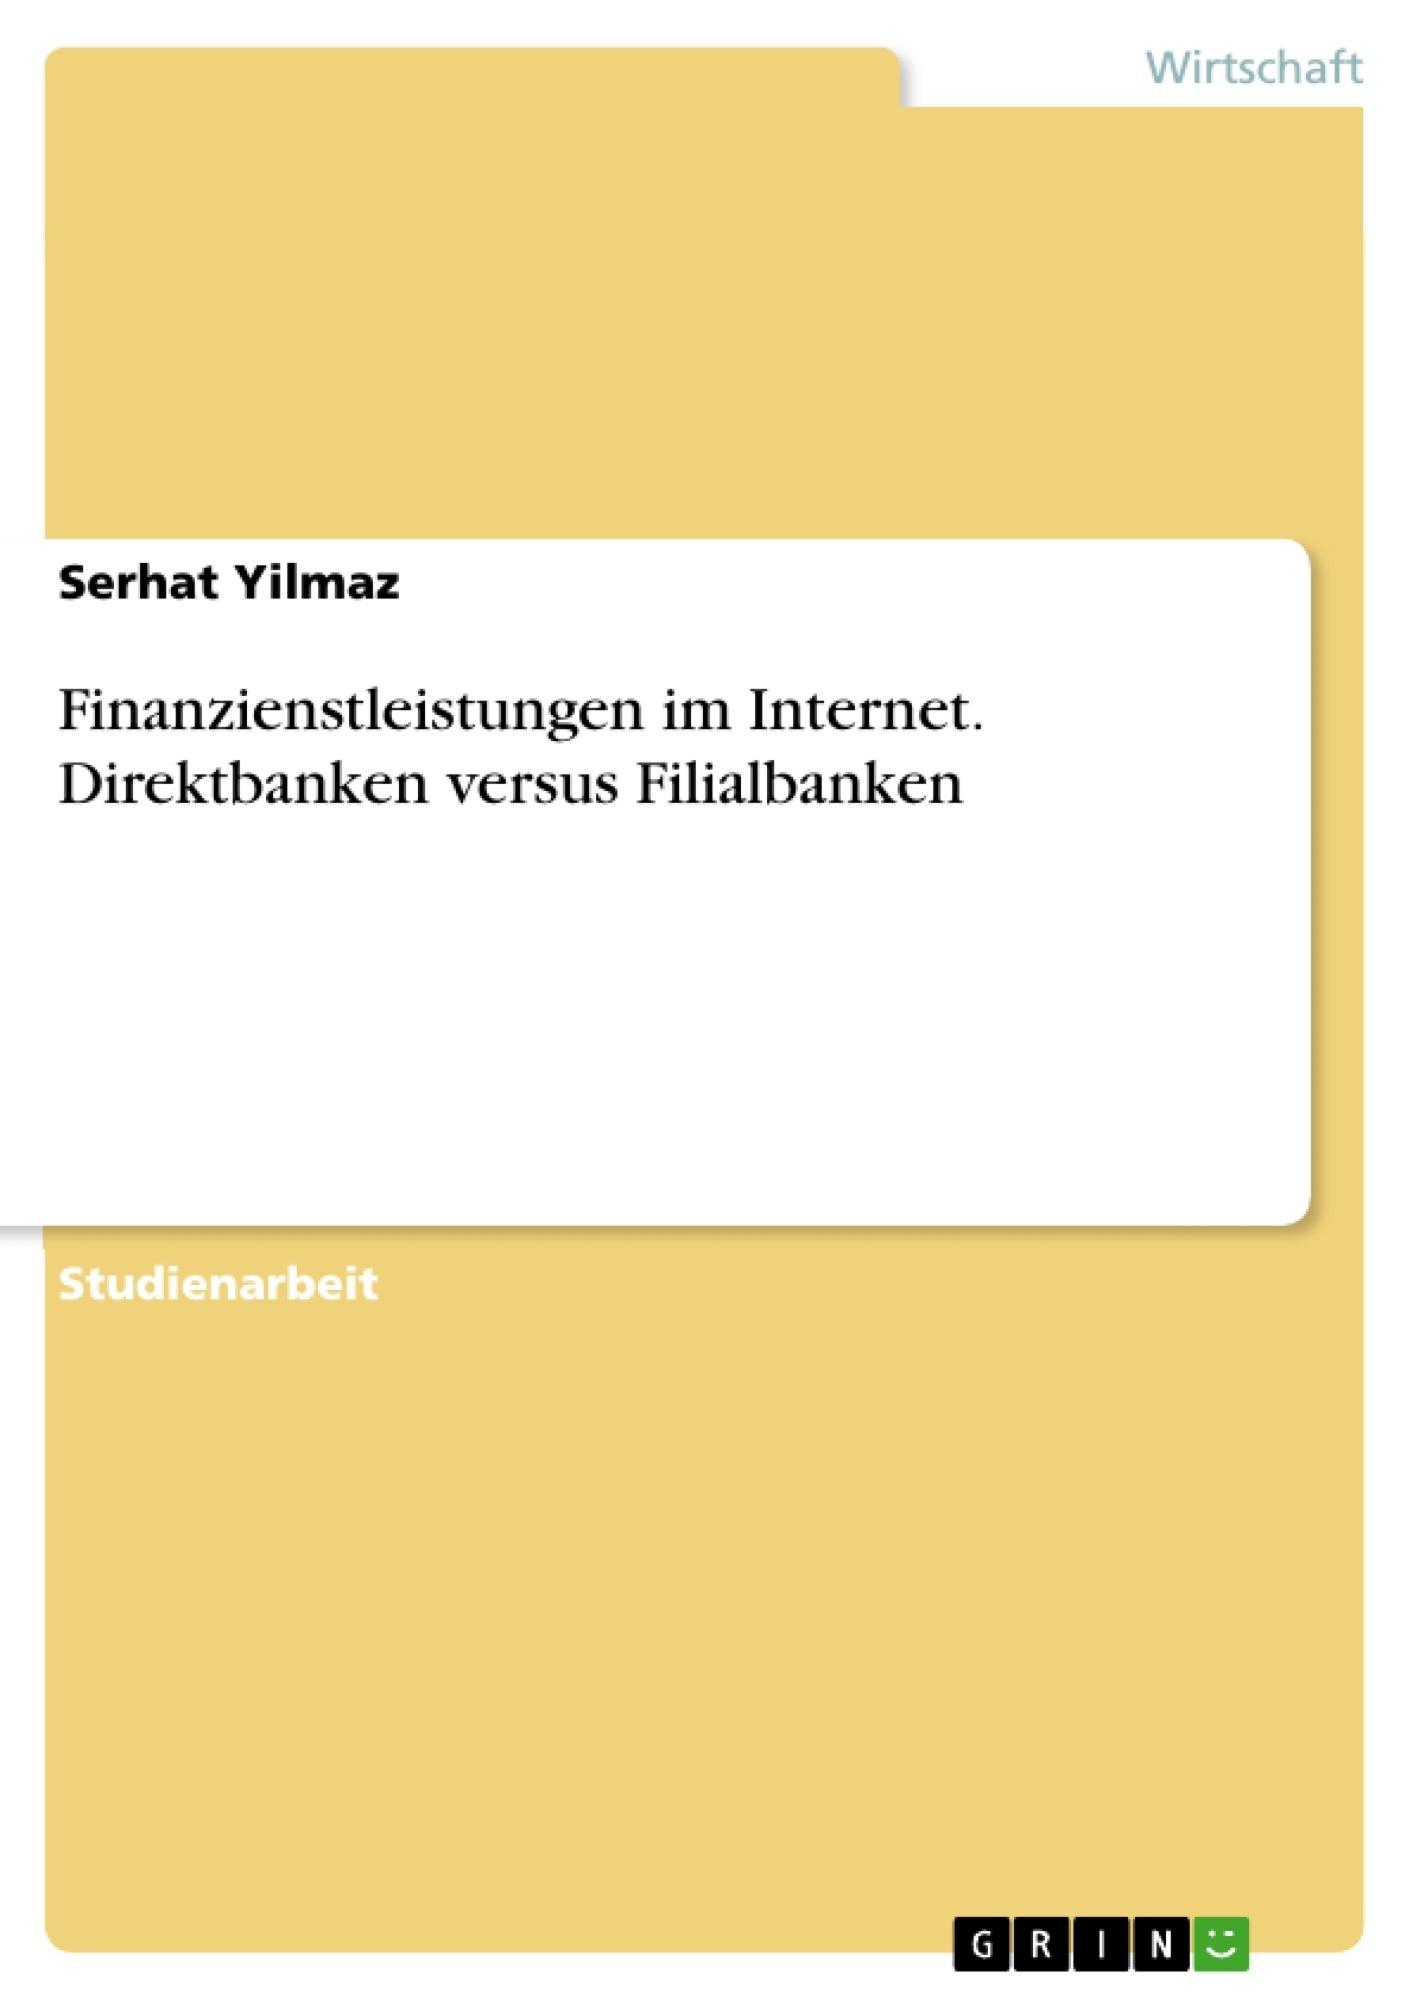 Titel: Finanzienstleistungen im Internet. Direktbanken versus Filialbanken